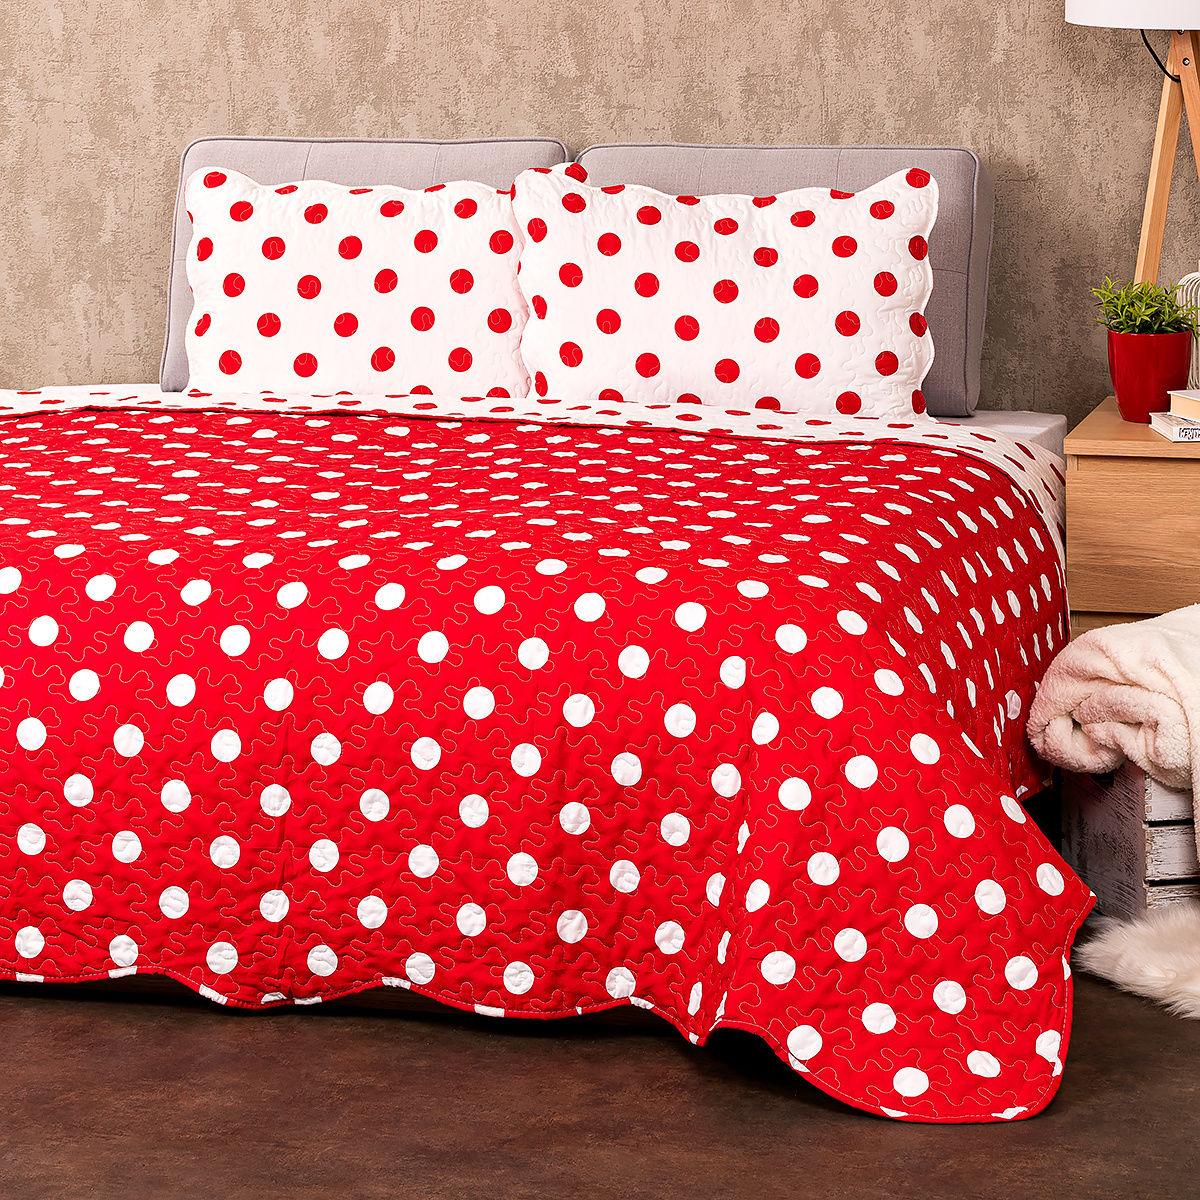 4Home Narzuta na łóżko Czerwona kropka, 220 x 240 cm, 2 szt. 50 x 70 cm